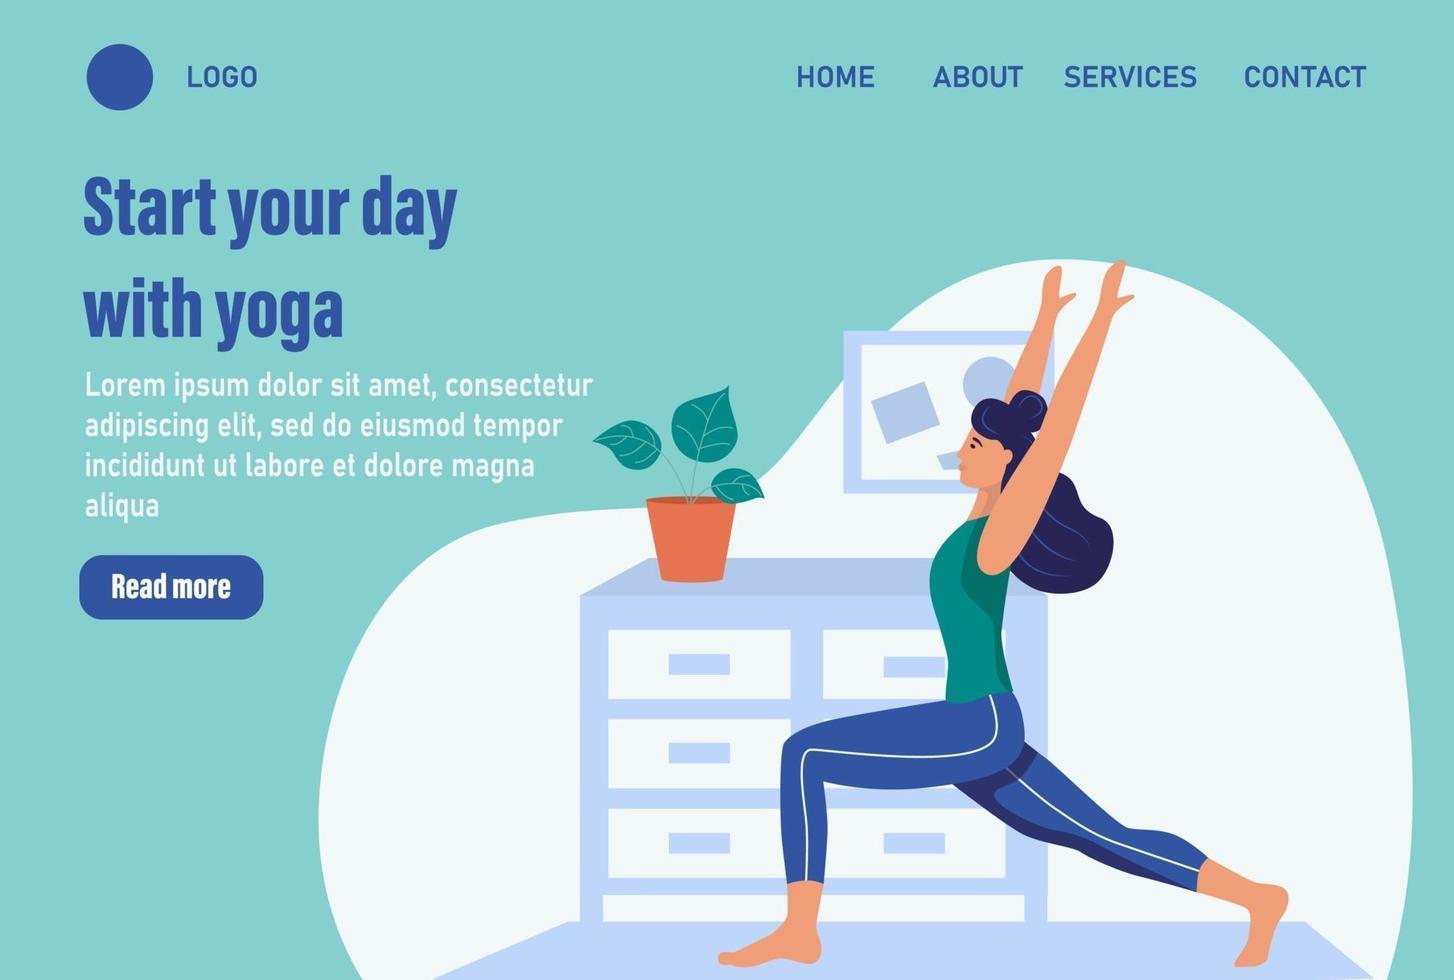 comece o dia com ioga. modelo de página da web de destino da página inicial do site. jovem faz ioga em casa. o conceito de vida cotidiana, lazer cotidiano e atividades de trabalho. ilustração em vetor plana dos desenhos animados.